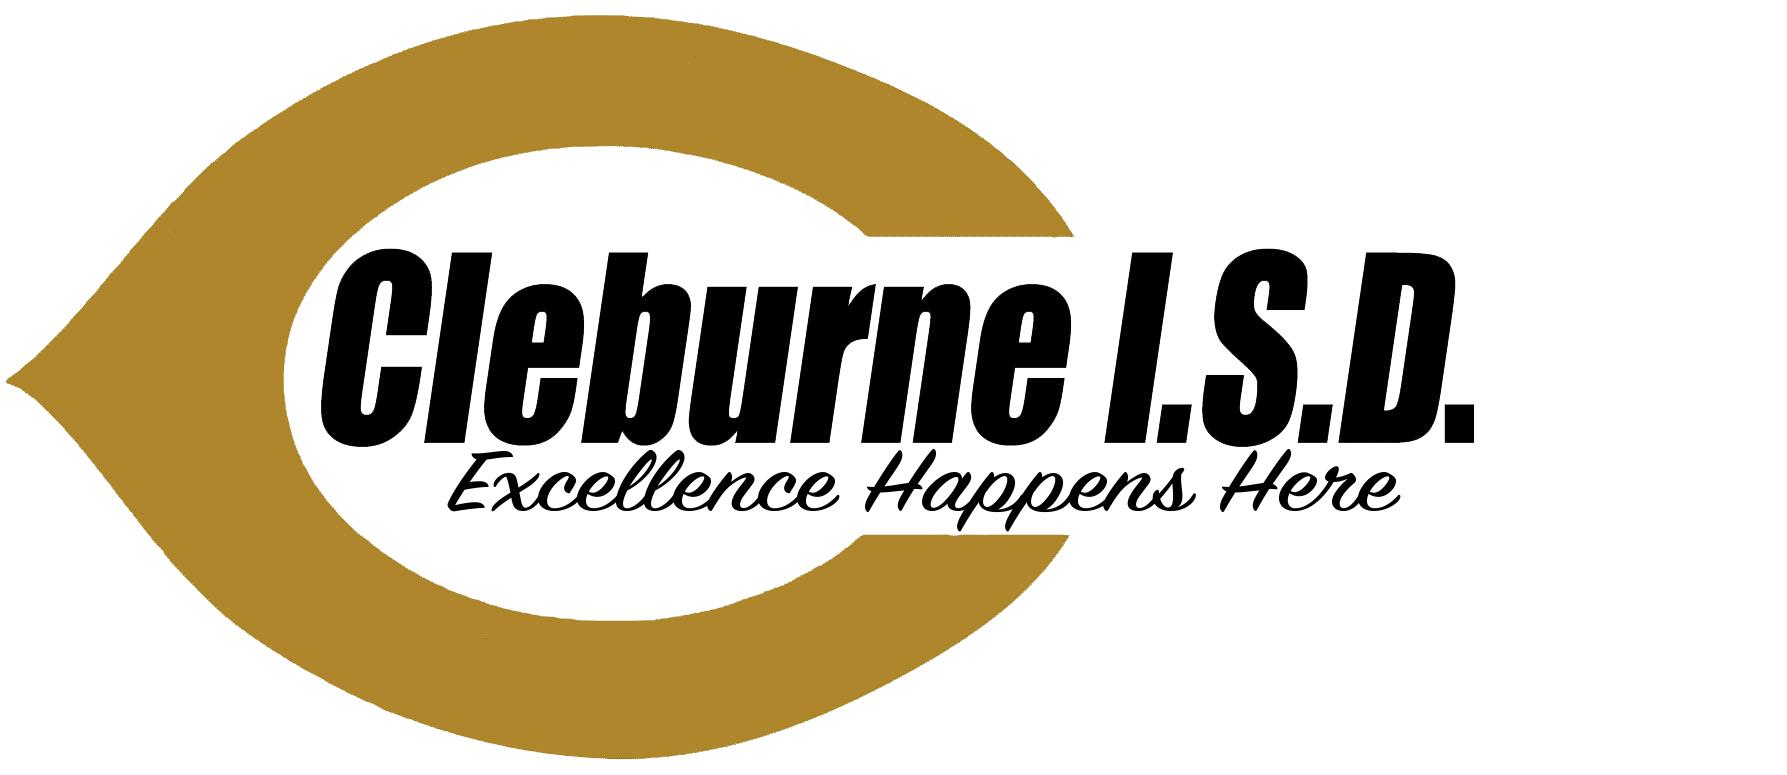 Cleburne ISD